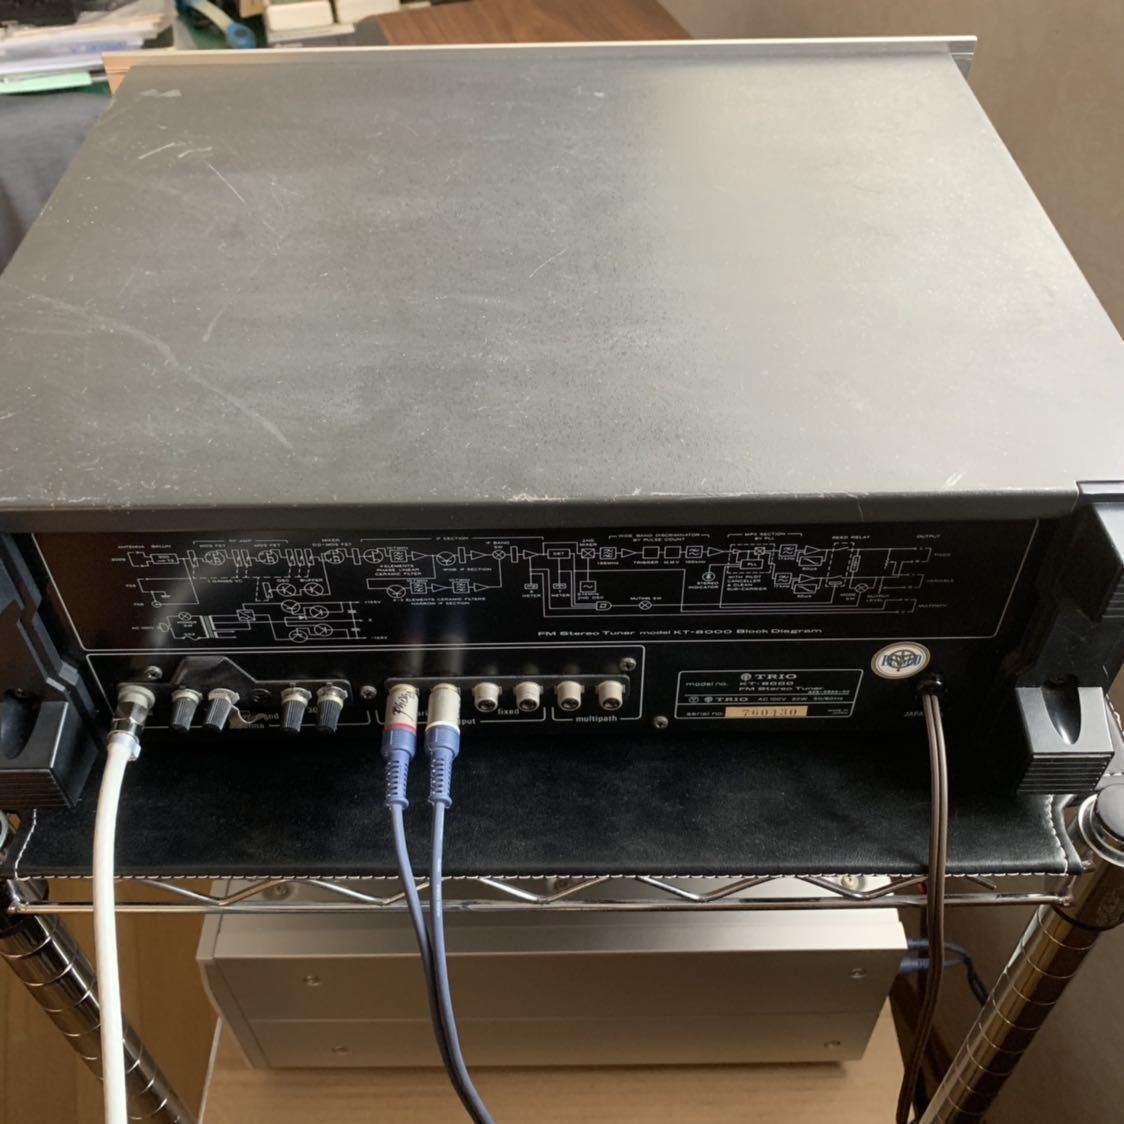 受信感度良好 TRIO トリオ FM 専用 チューナー KT-8000 電源スイッチのみ不良 その他 完動確認_画像10